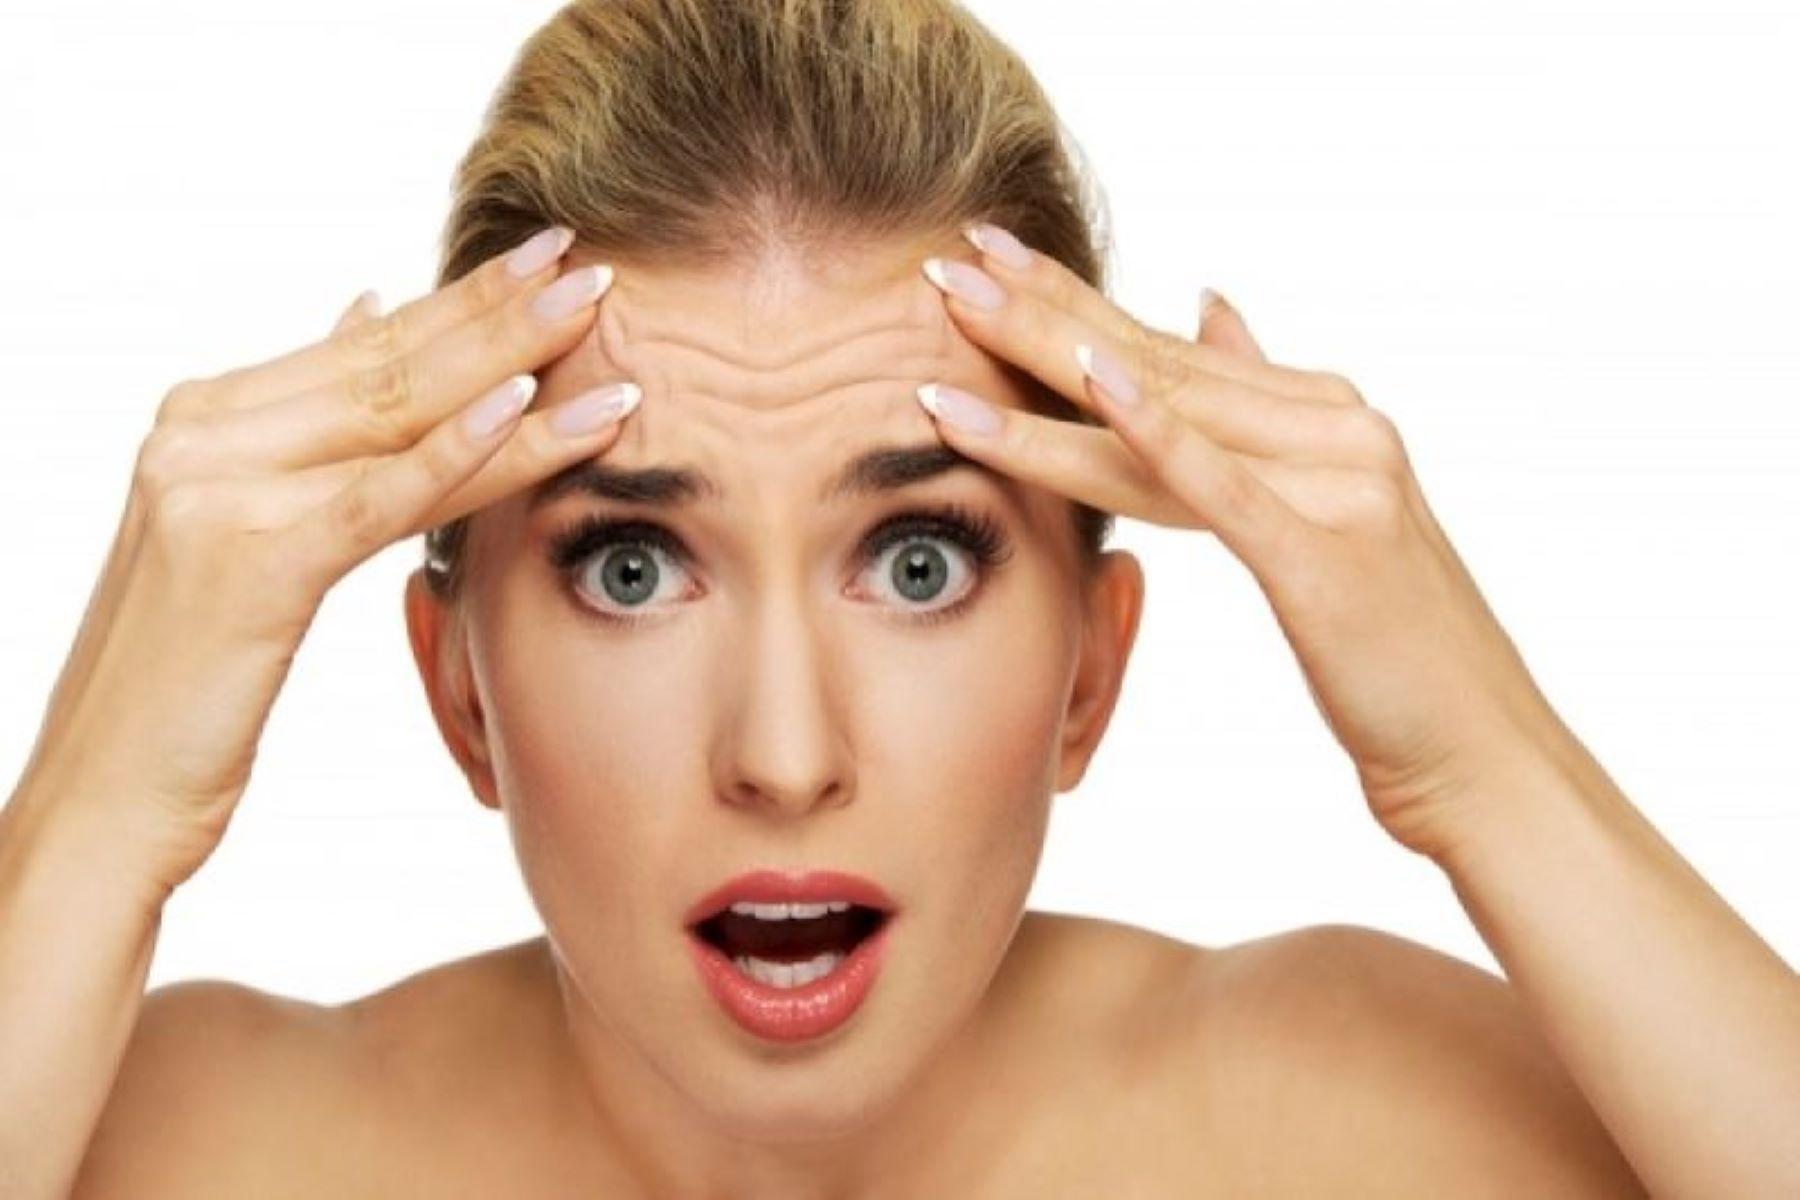 Ρυτίδες έκφρασης αντιμετώπιση: Σπιτικές μάσκες για την μείωση των ρυτίδων έκφρασης